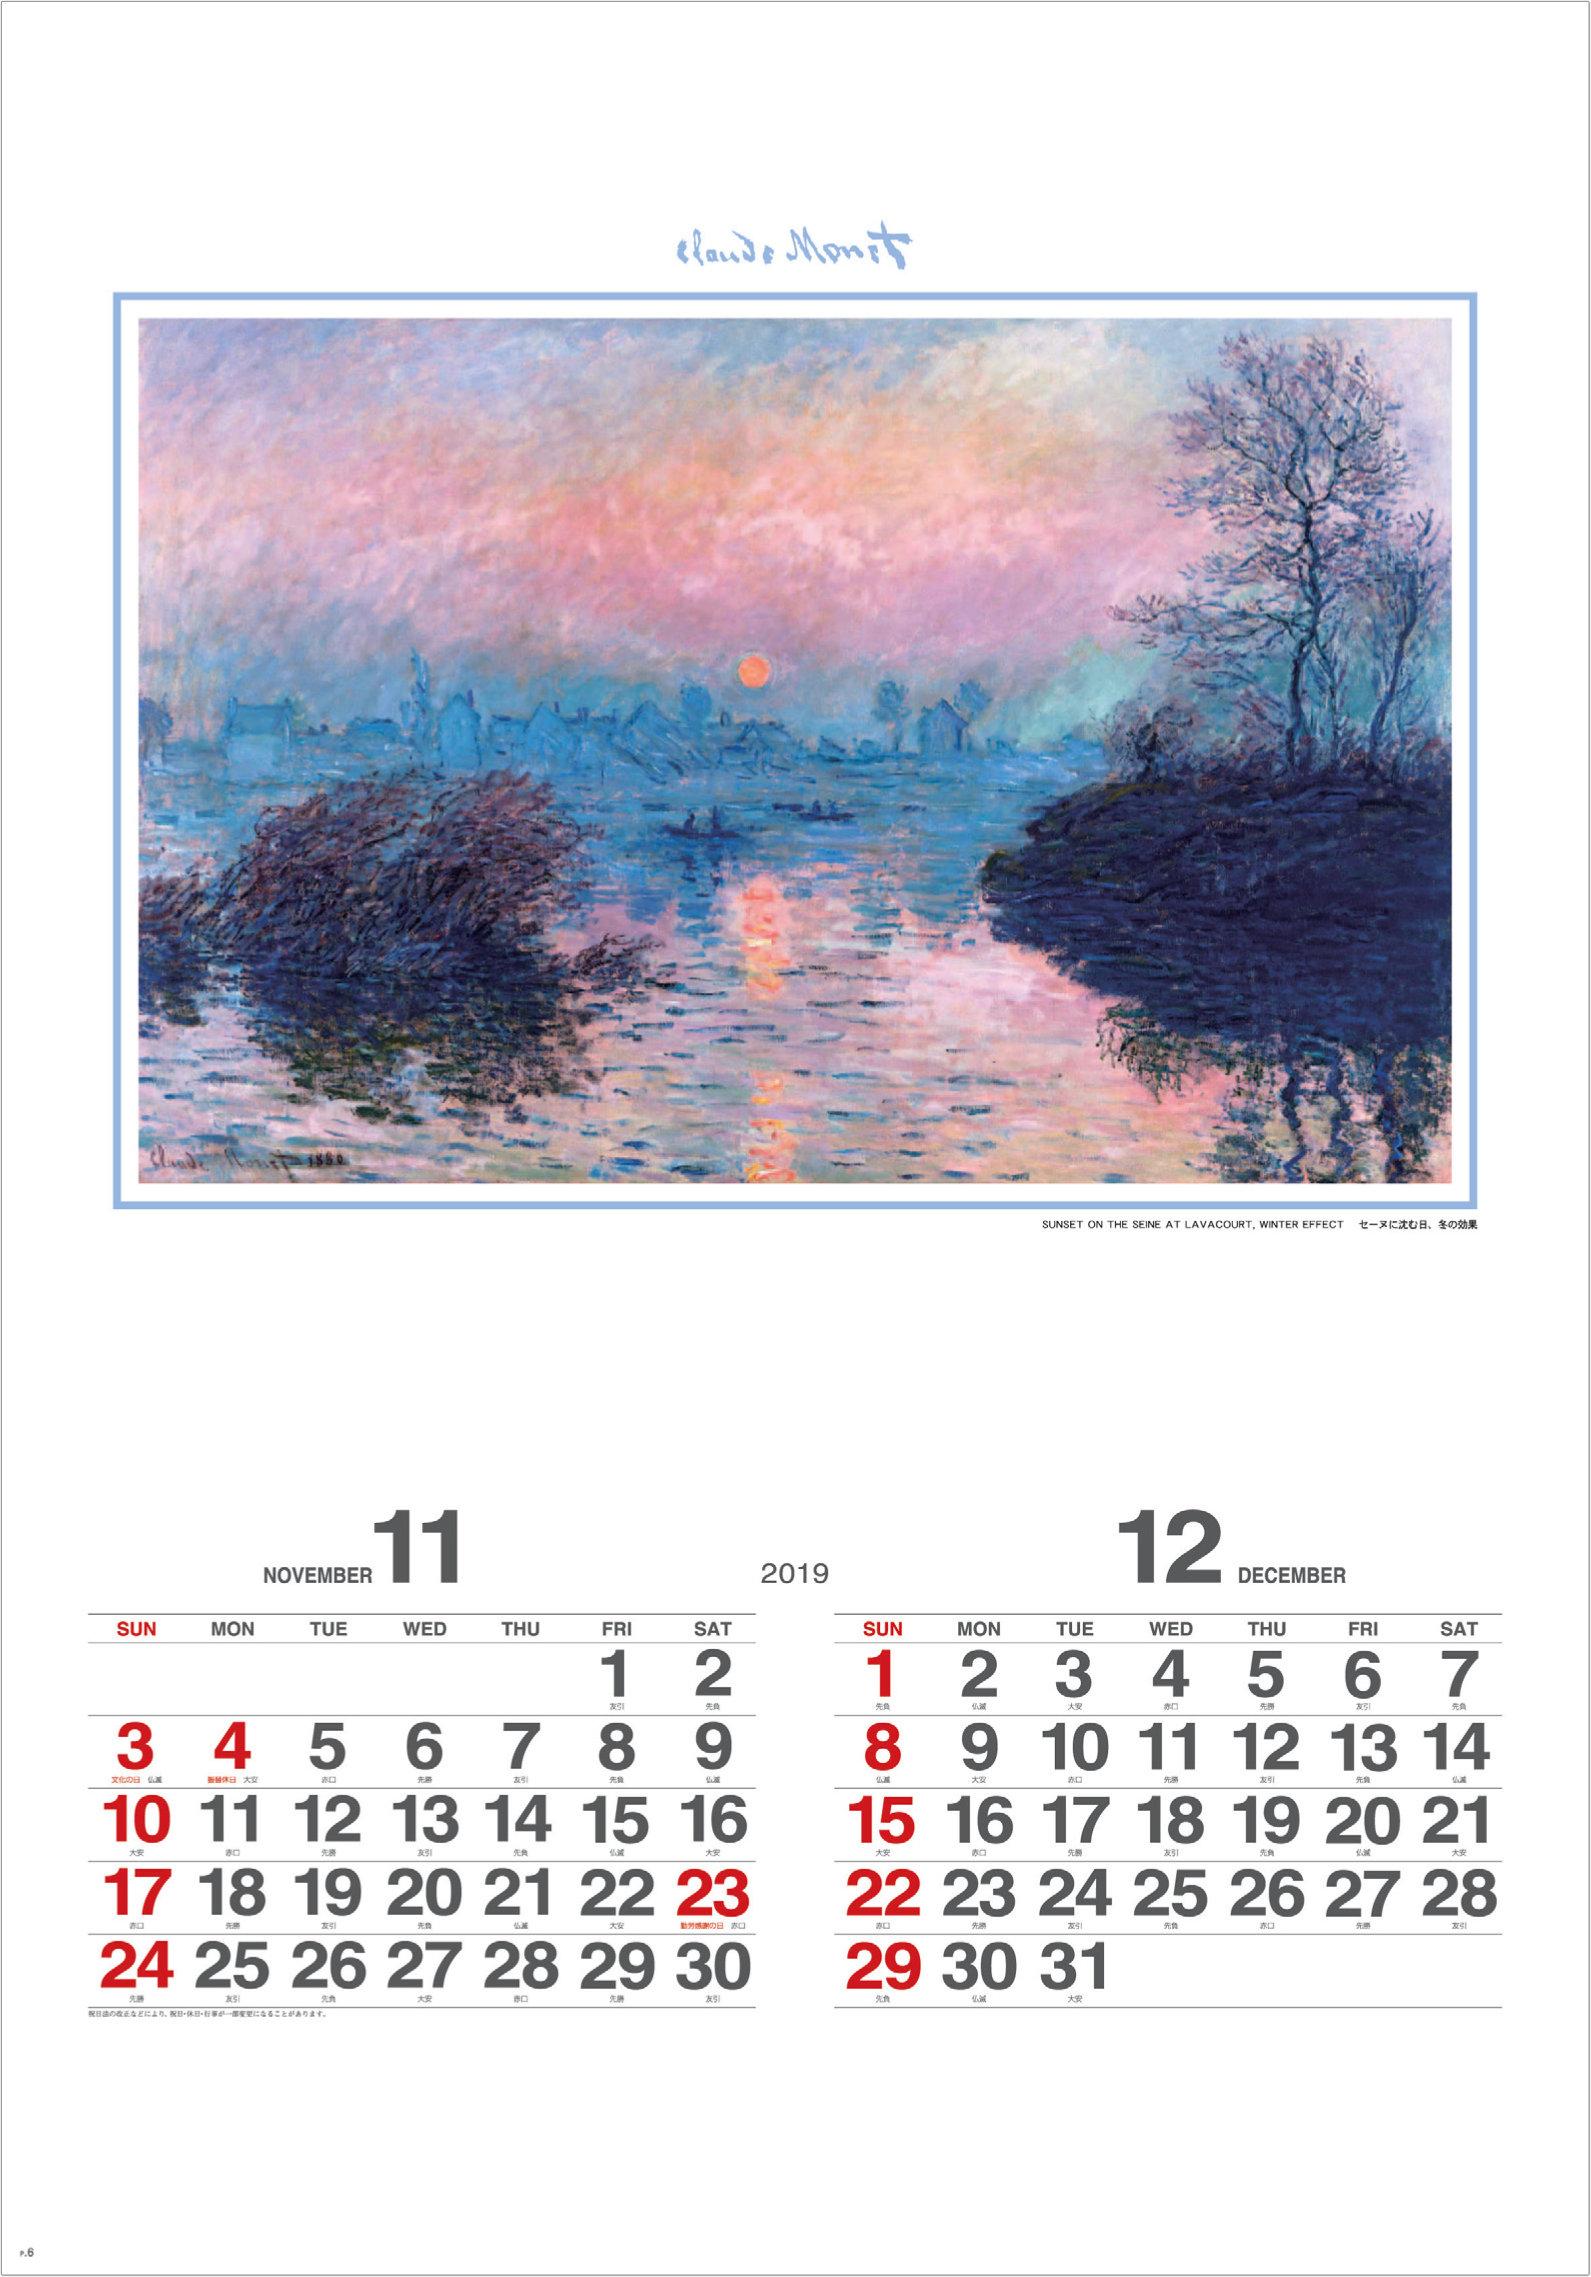 画像:モネ作品「セーヌに沈む日、冬の効果」 モネ絵画集(フィルムカレンダー) 2019年カレンダー